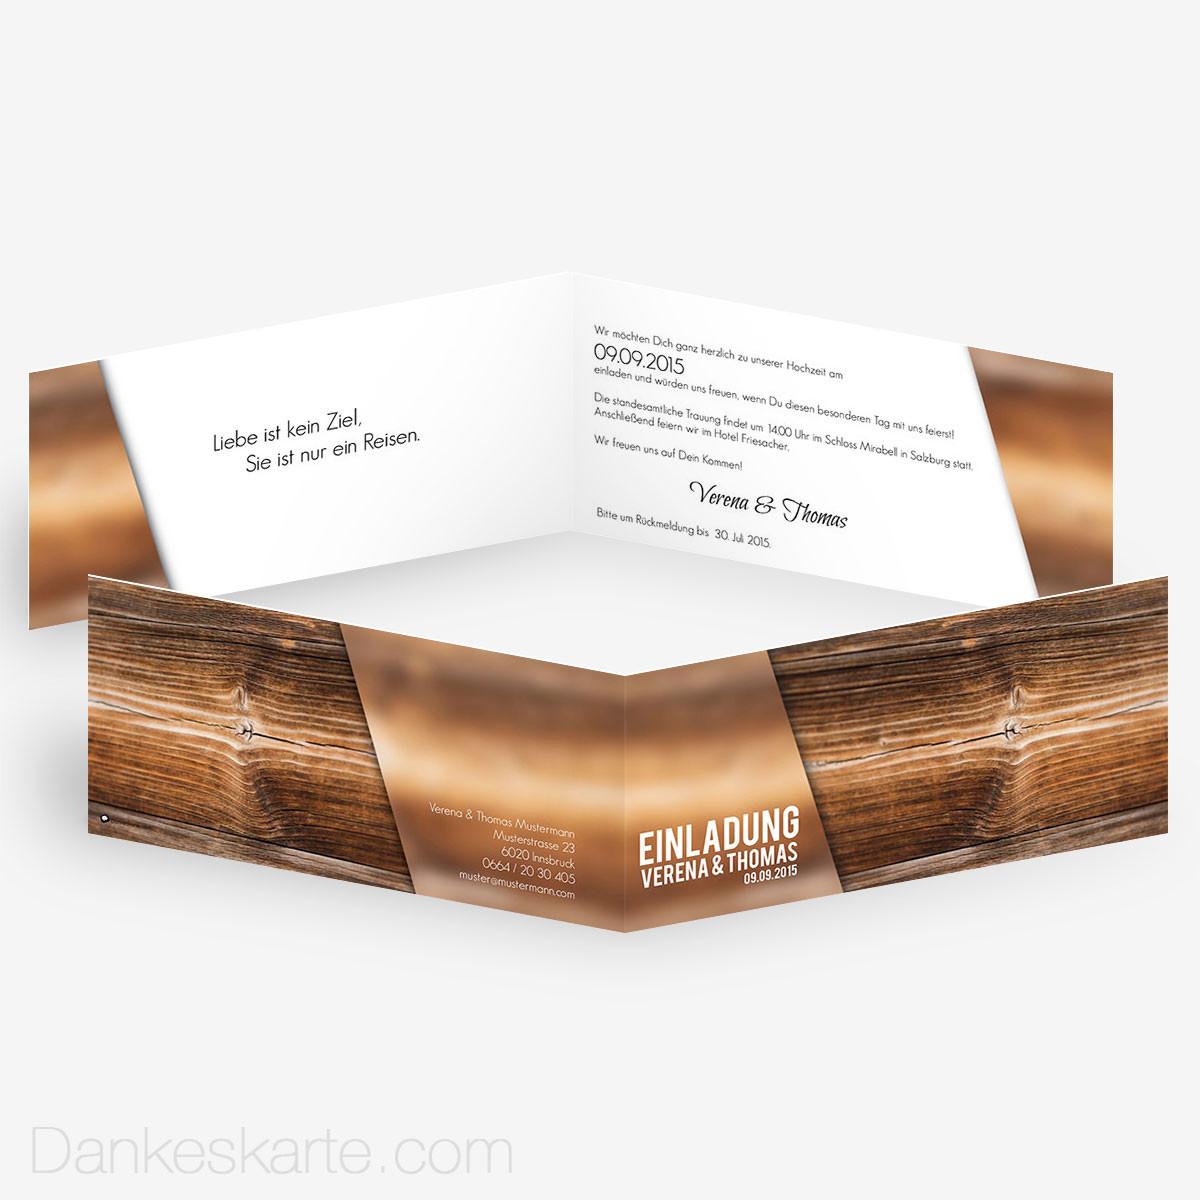 Hochzeitseinladung glas und holz 21 x 10 cm for Hochzeitseinladung holz